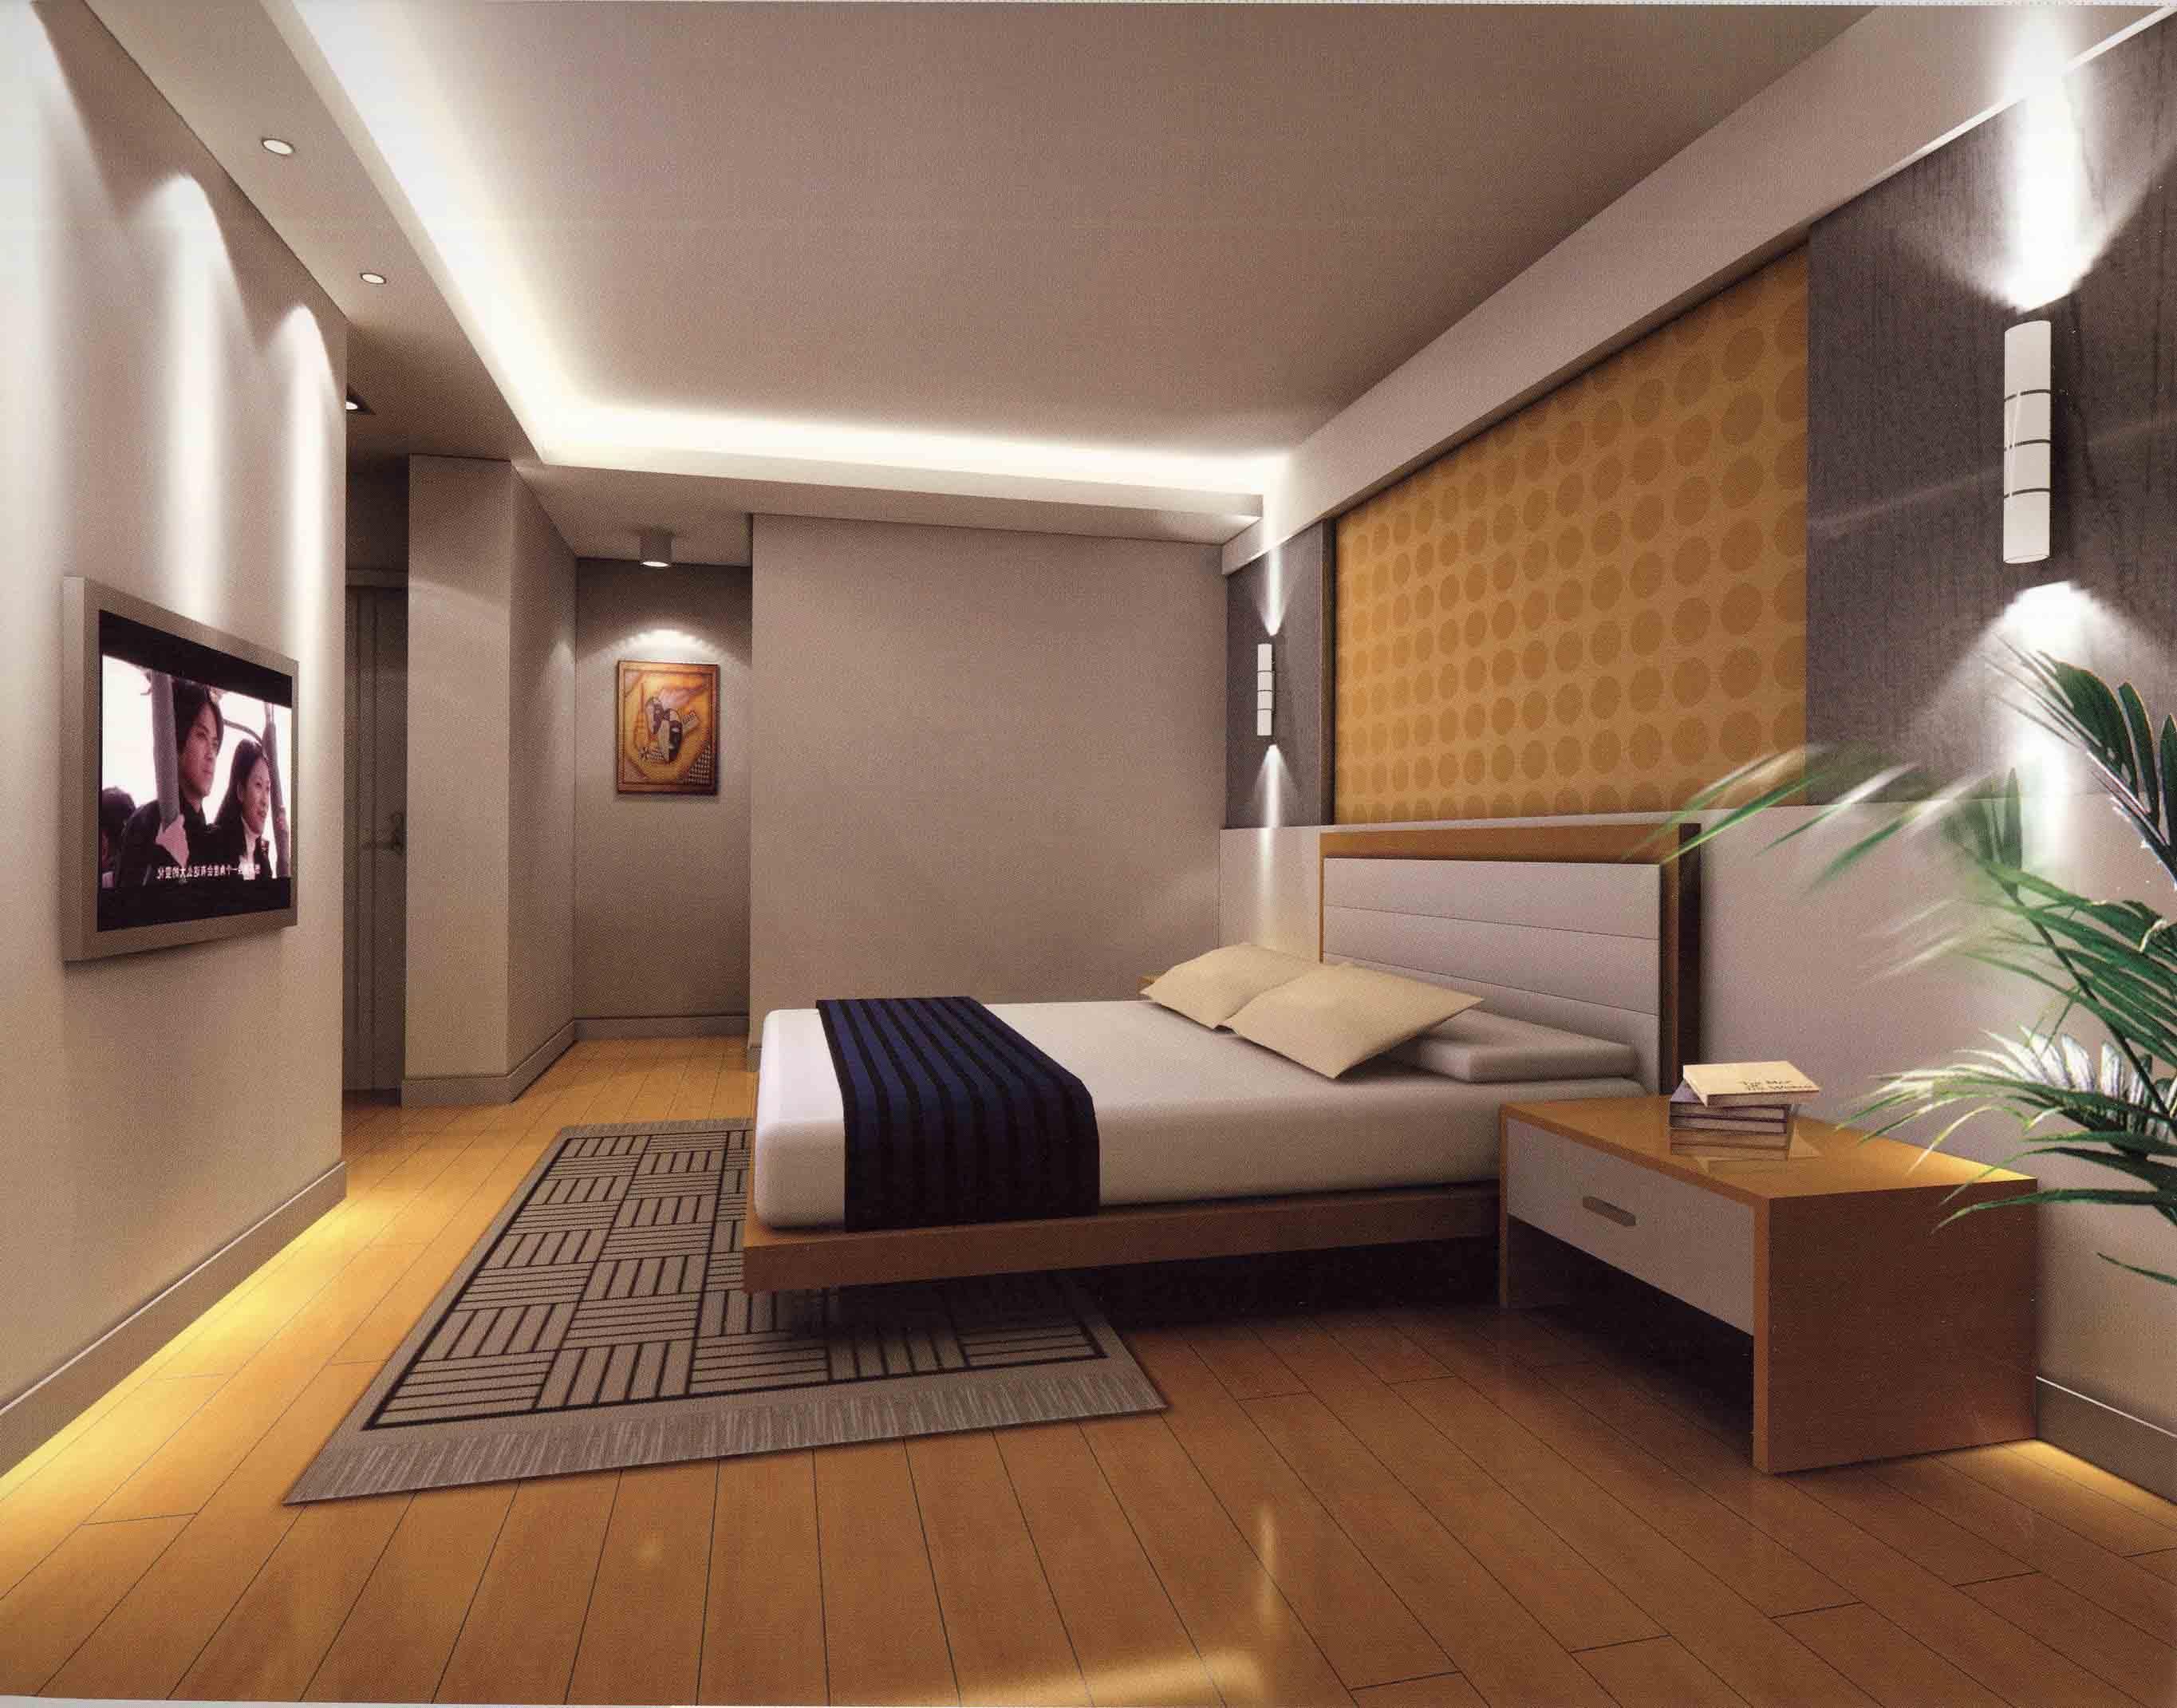 15 Creative Master Bedroom Ideas Luxury Bedroom Master Elegant